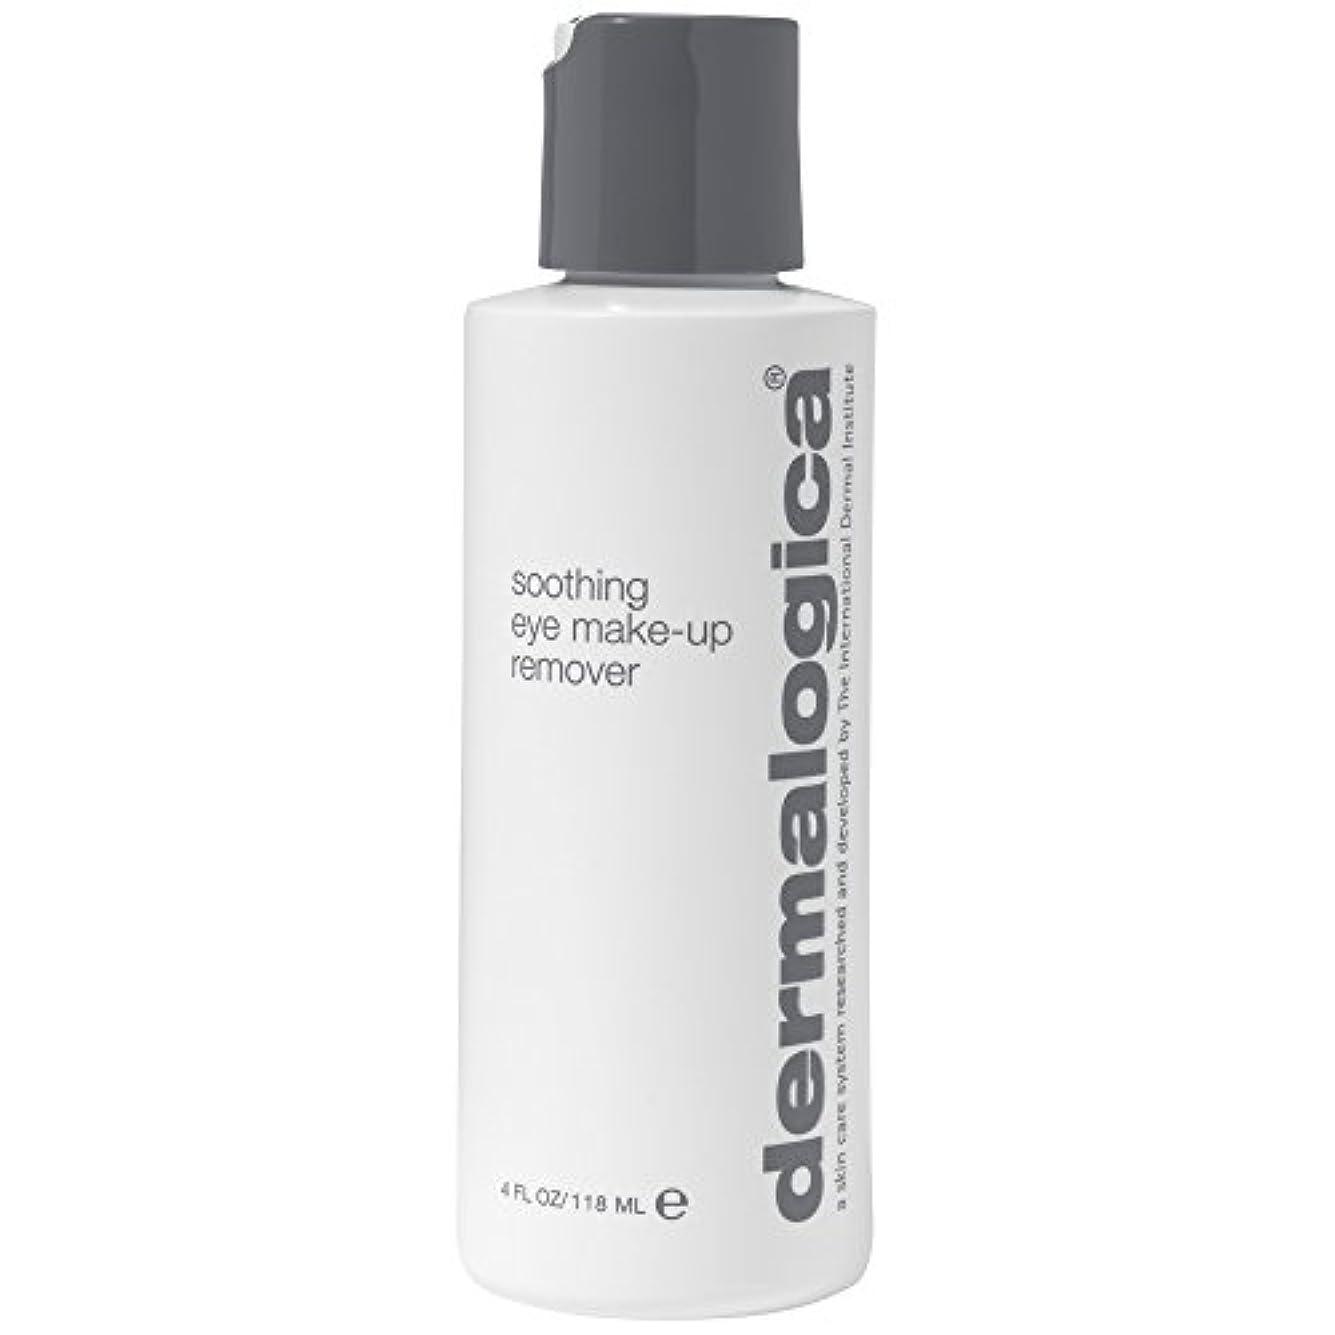 写真撮影架空の飼料ダーマロジカなだめるアイメイクアップリムーバーの118ミリリットル (Dermalogica) - Dermalogica Soothing Eye Makeup Remover 118ml [並行輸入品]